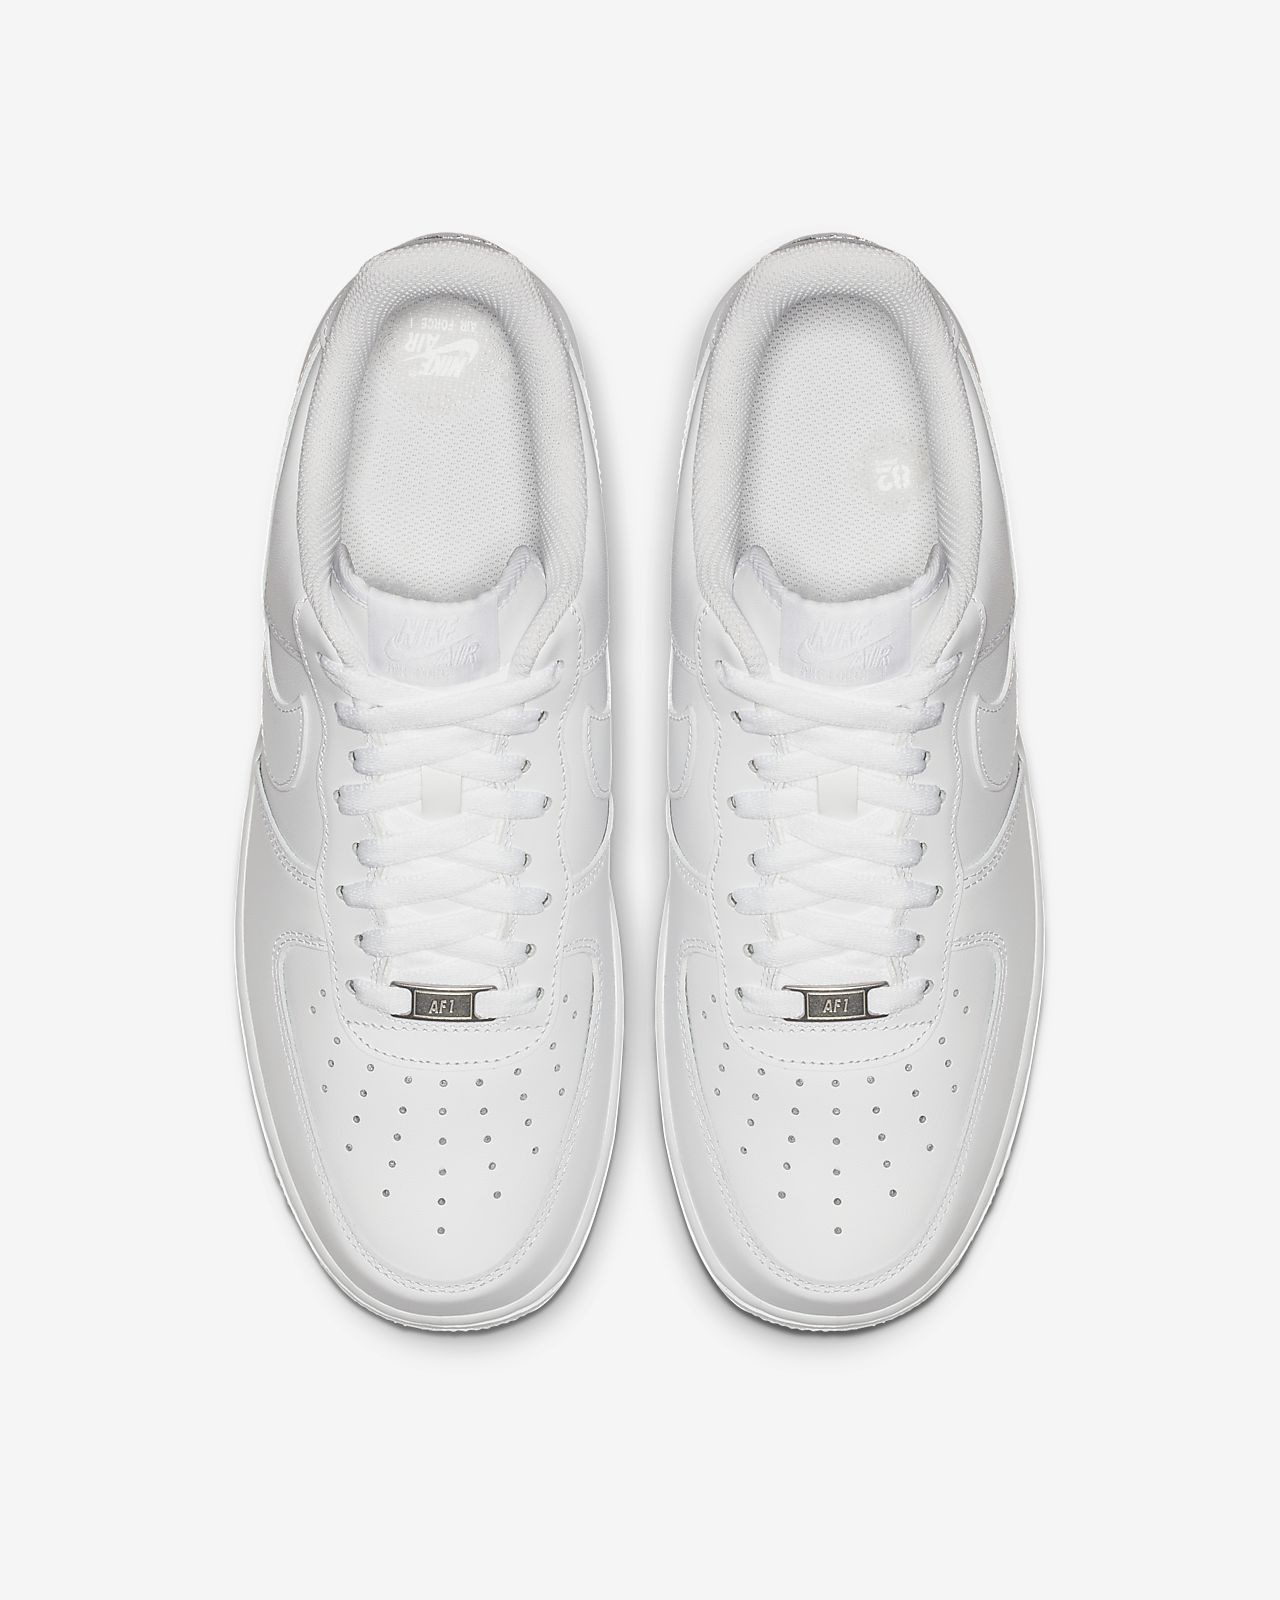 newest 864f1 c12a1 ... Nike Air Force 1  07 sko